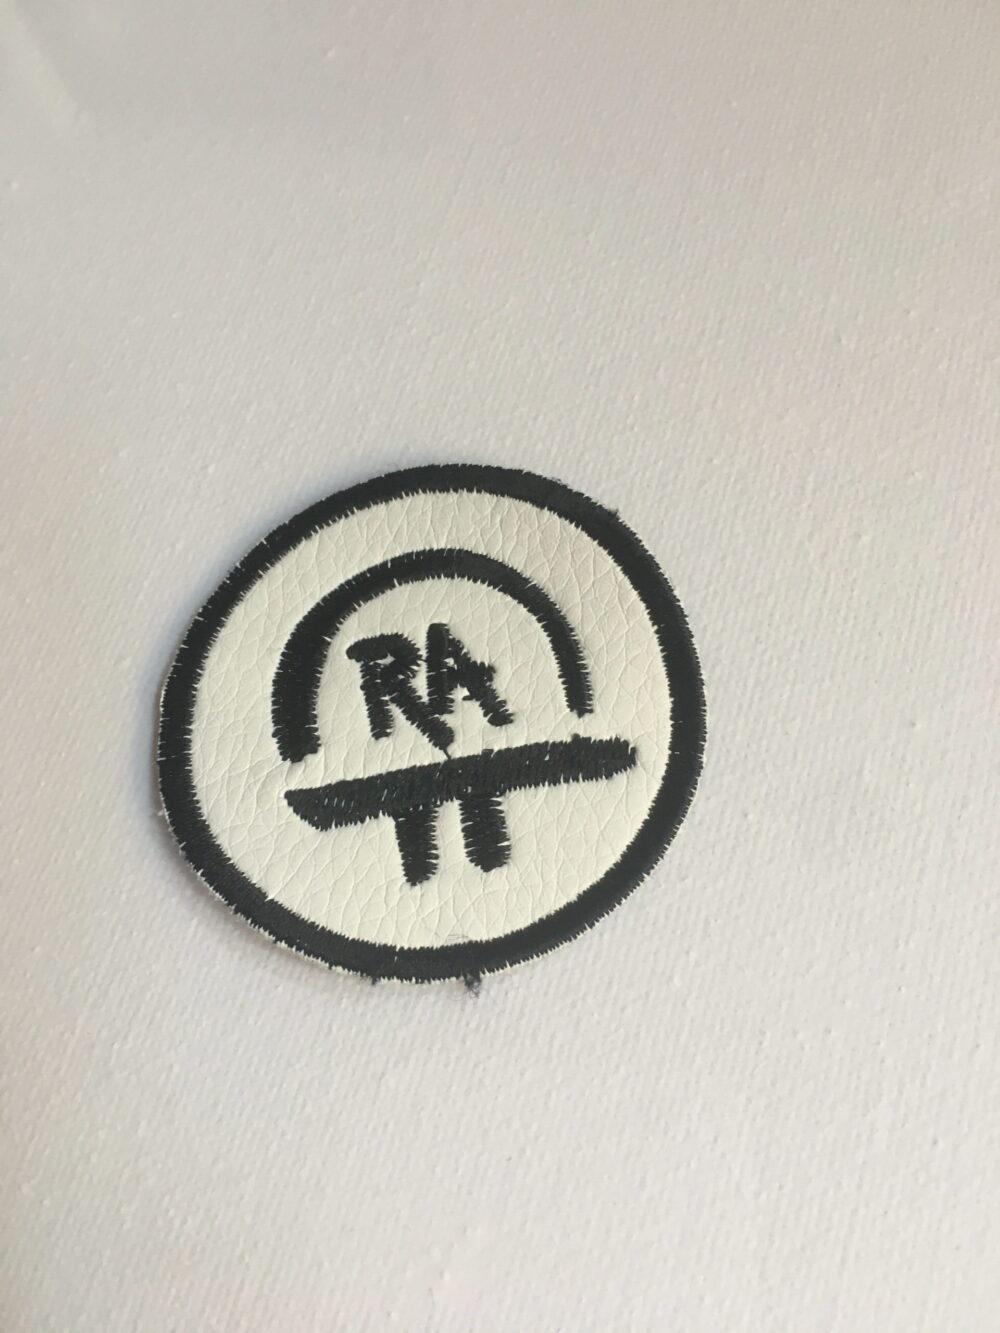 Nášivka S Ochranným Symbolem RA – Bílá 5 Cm